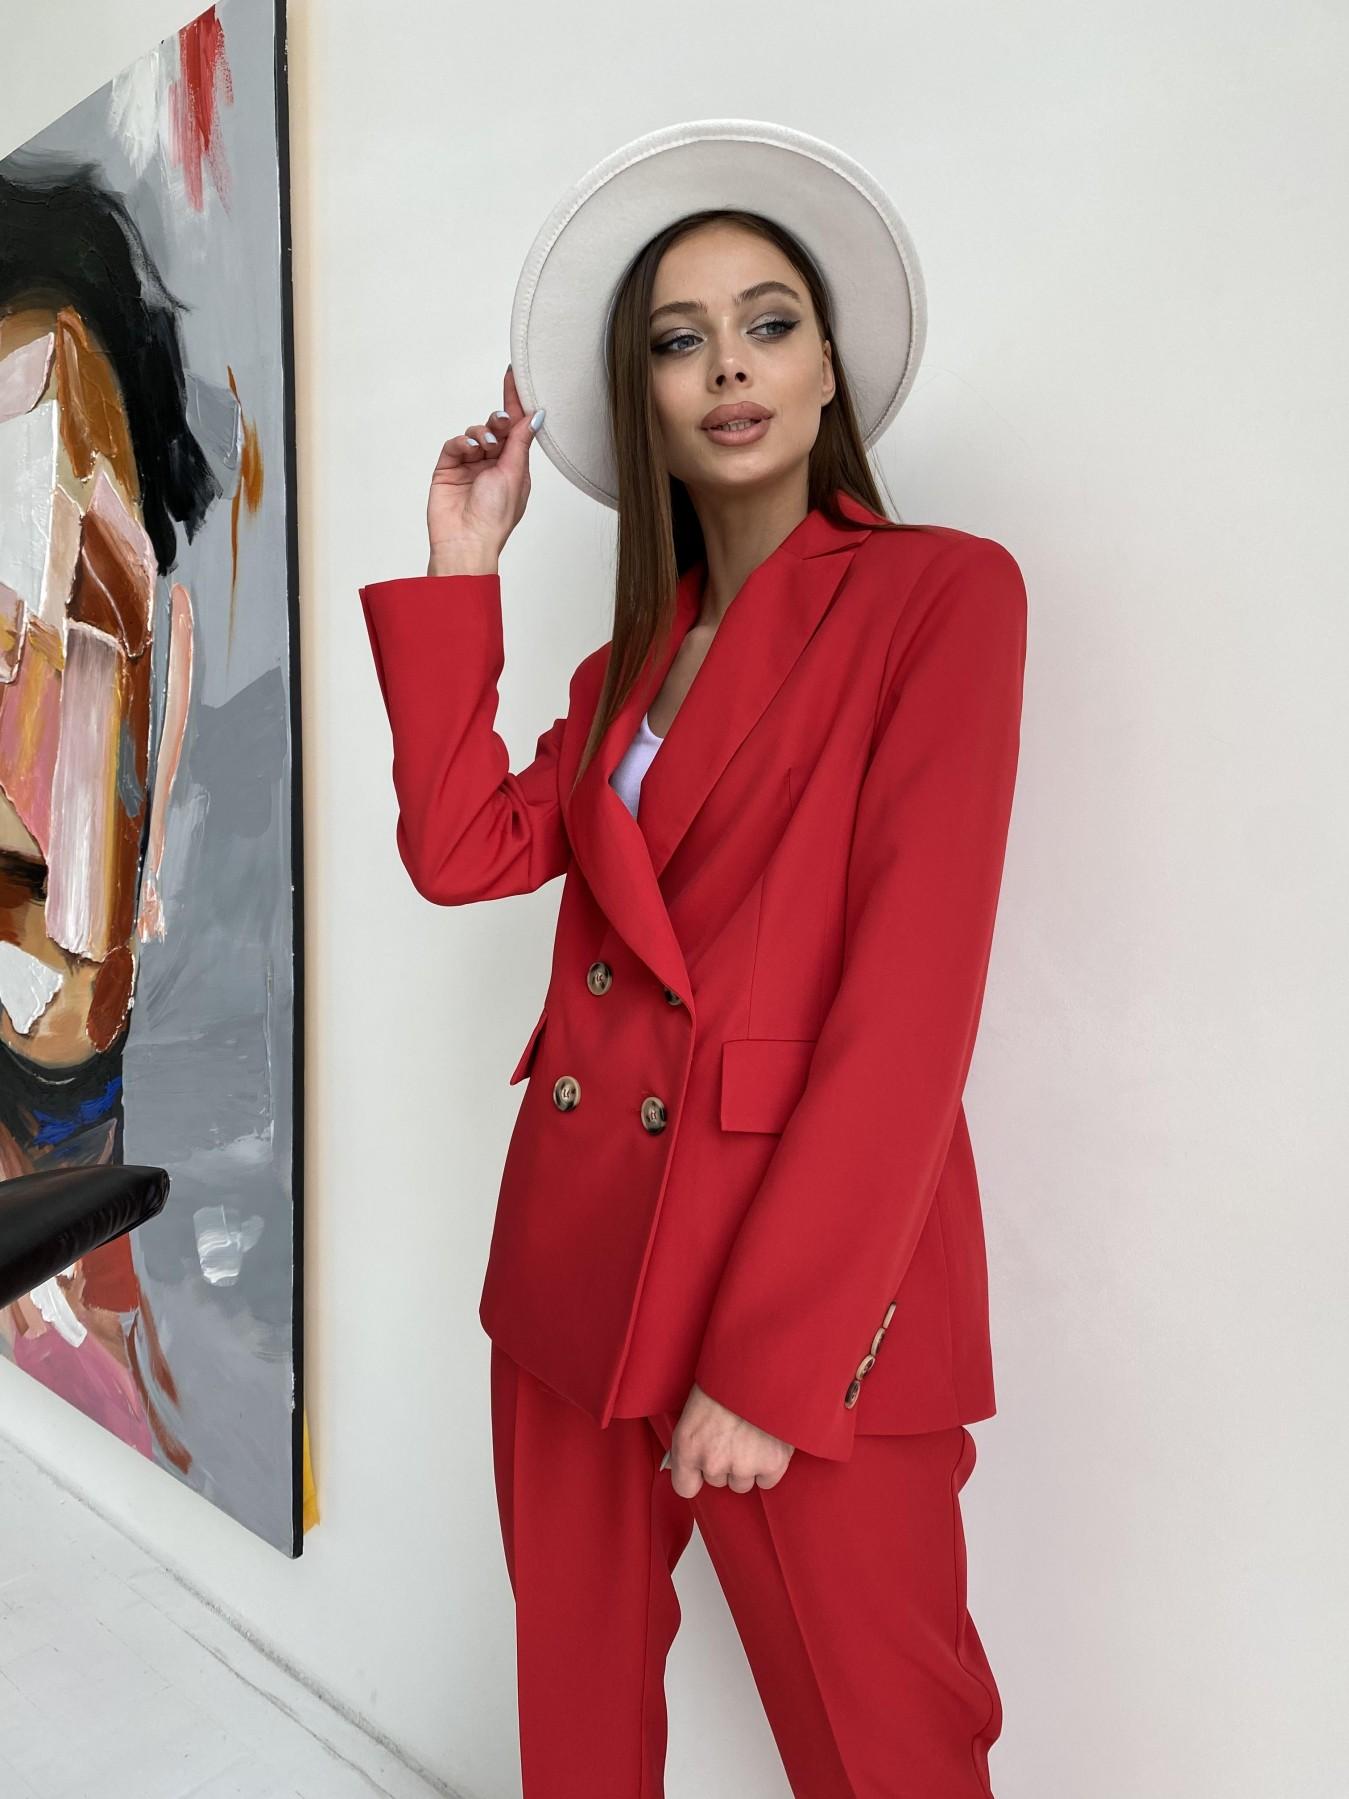 Франко костюм из костюмной ткани 11090 АРТ. 47798 Цвет: Красный - фото 1, интернет магазин tm-modus.ru